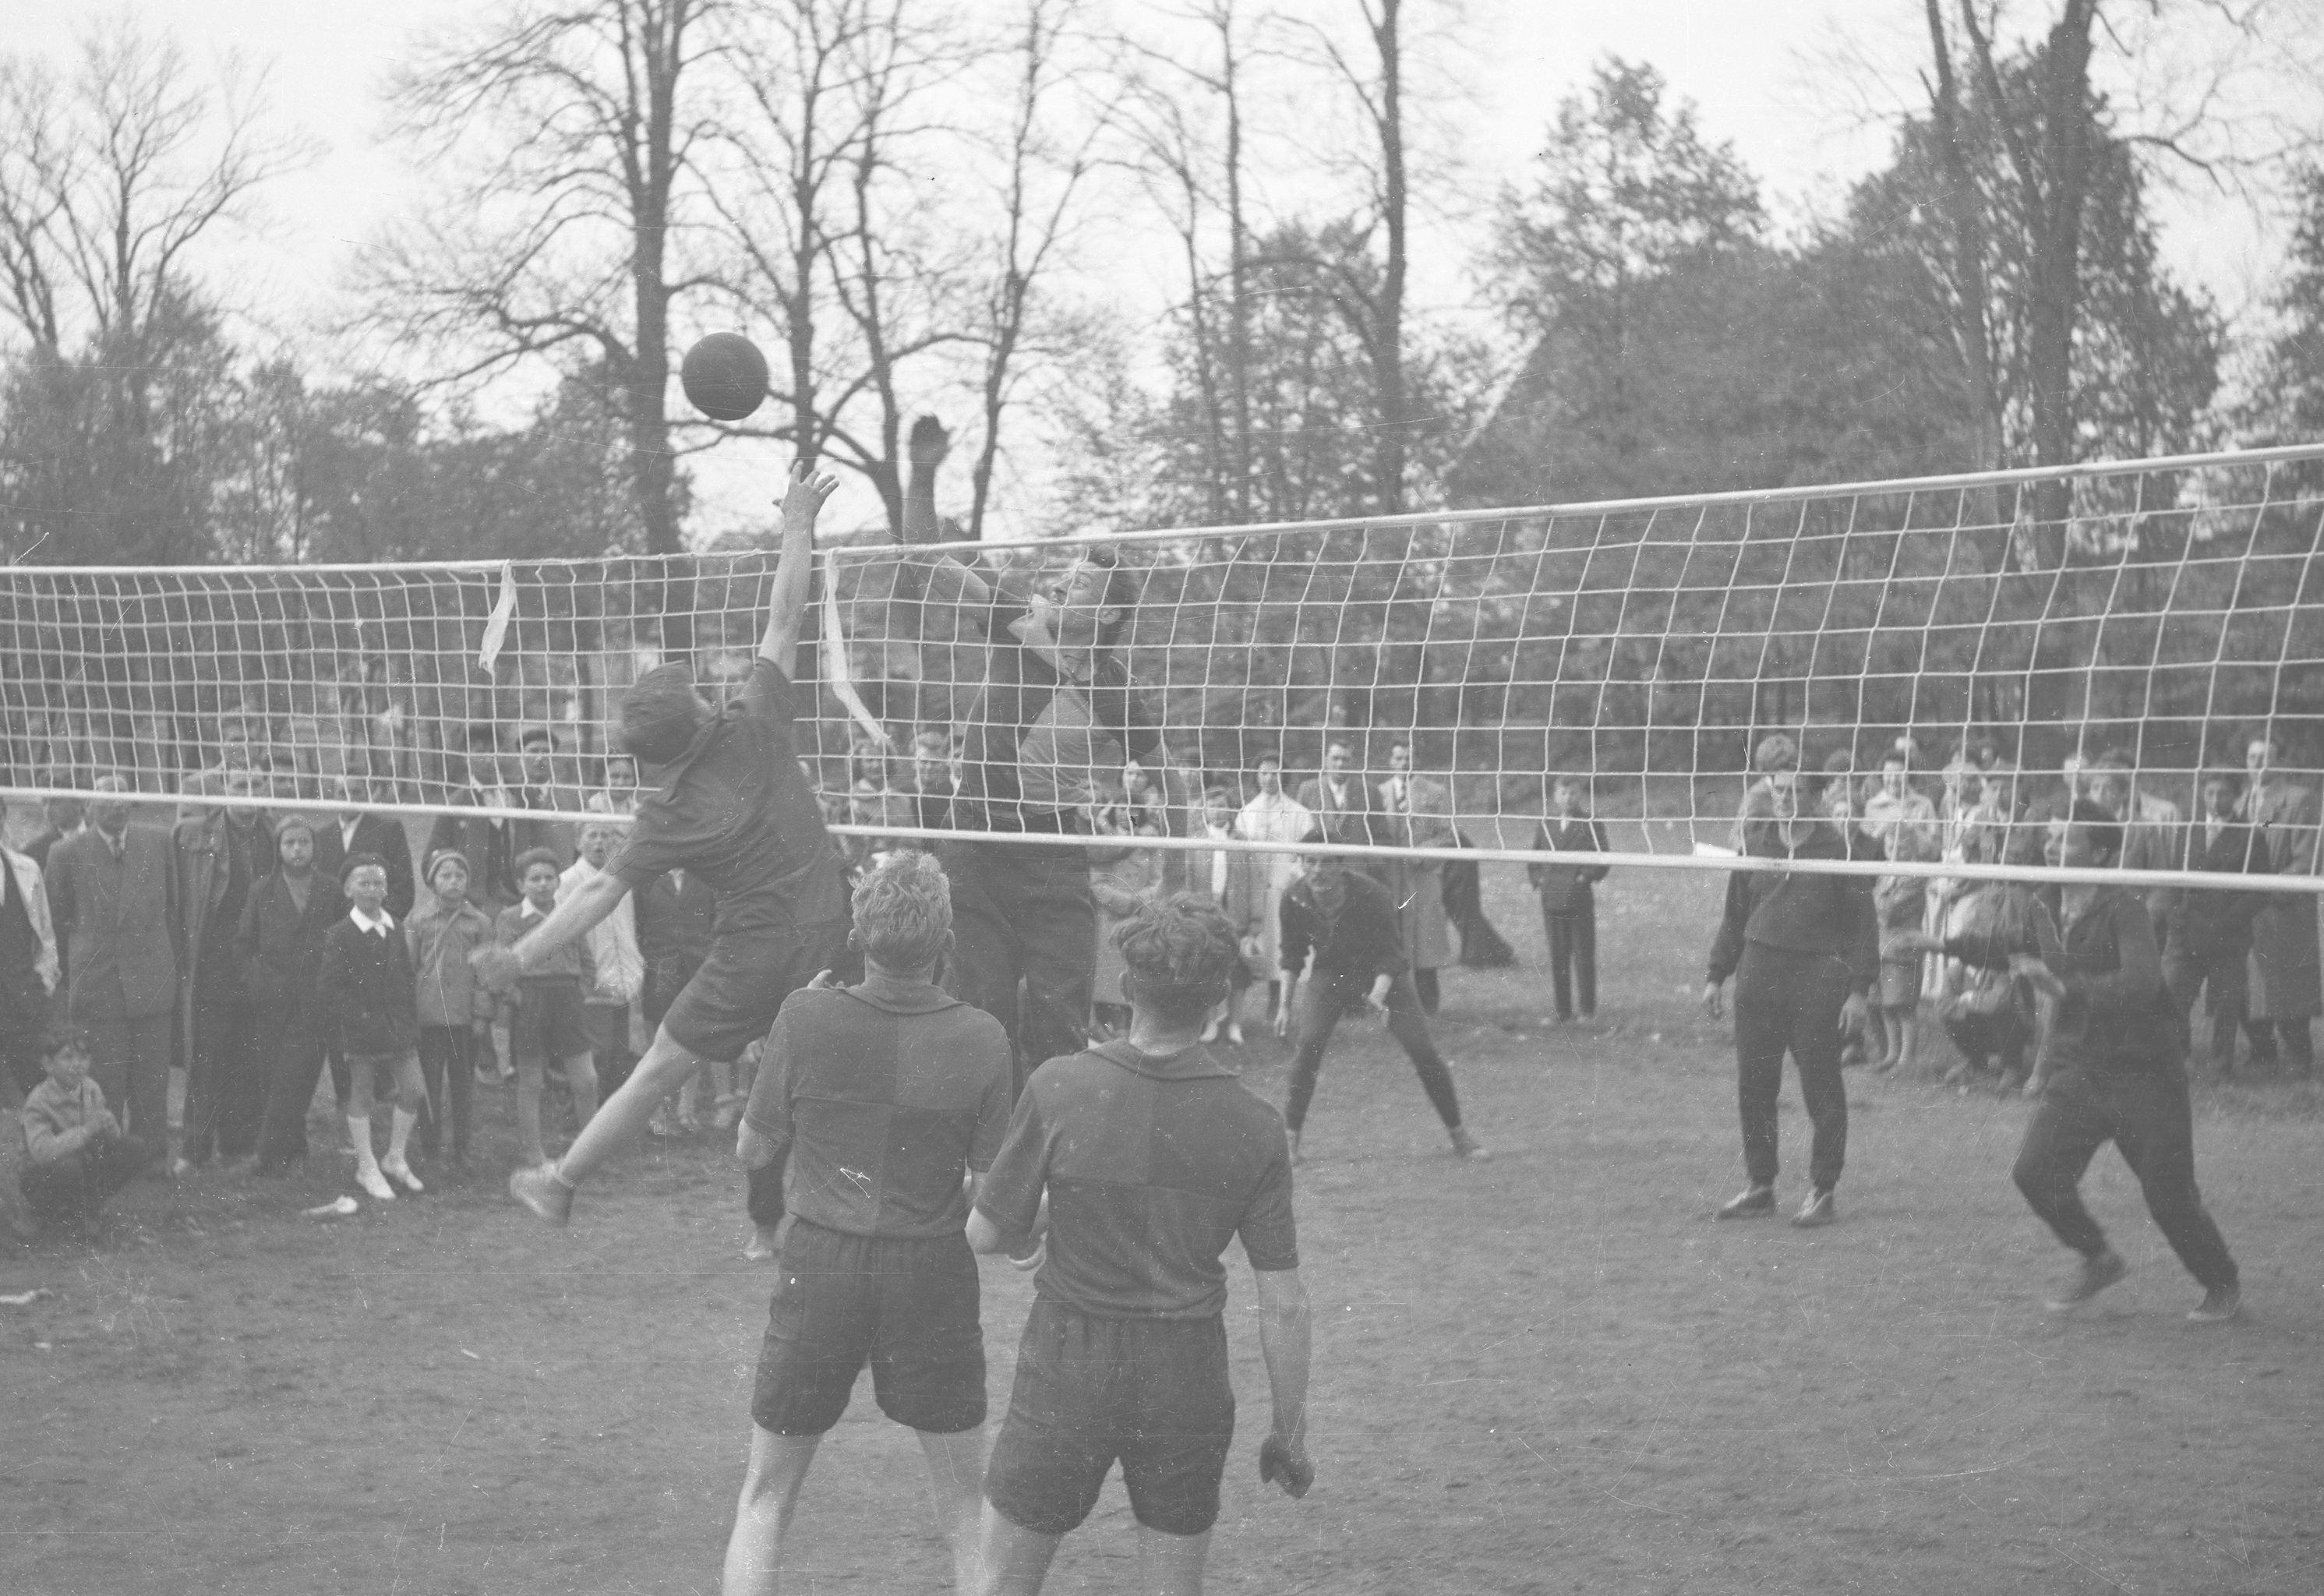 Mecz siatkówki w Wołowie, Dolny Śląsk, lata 50. XX w.